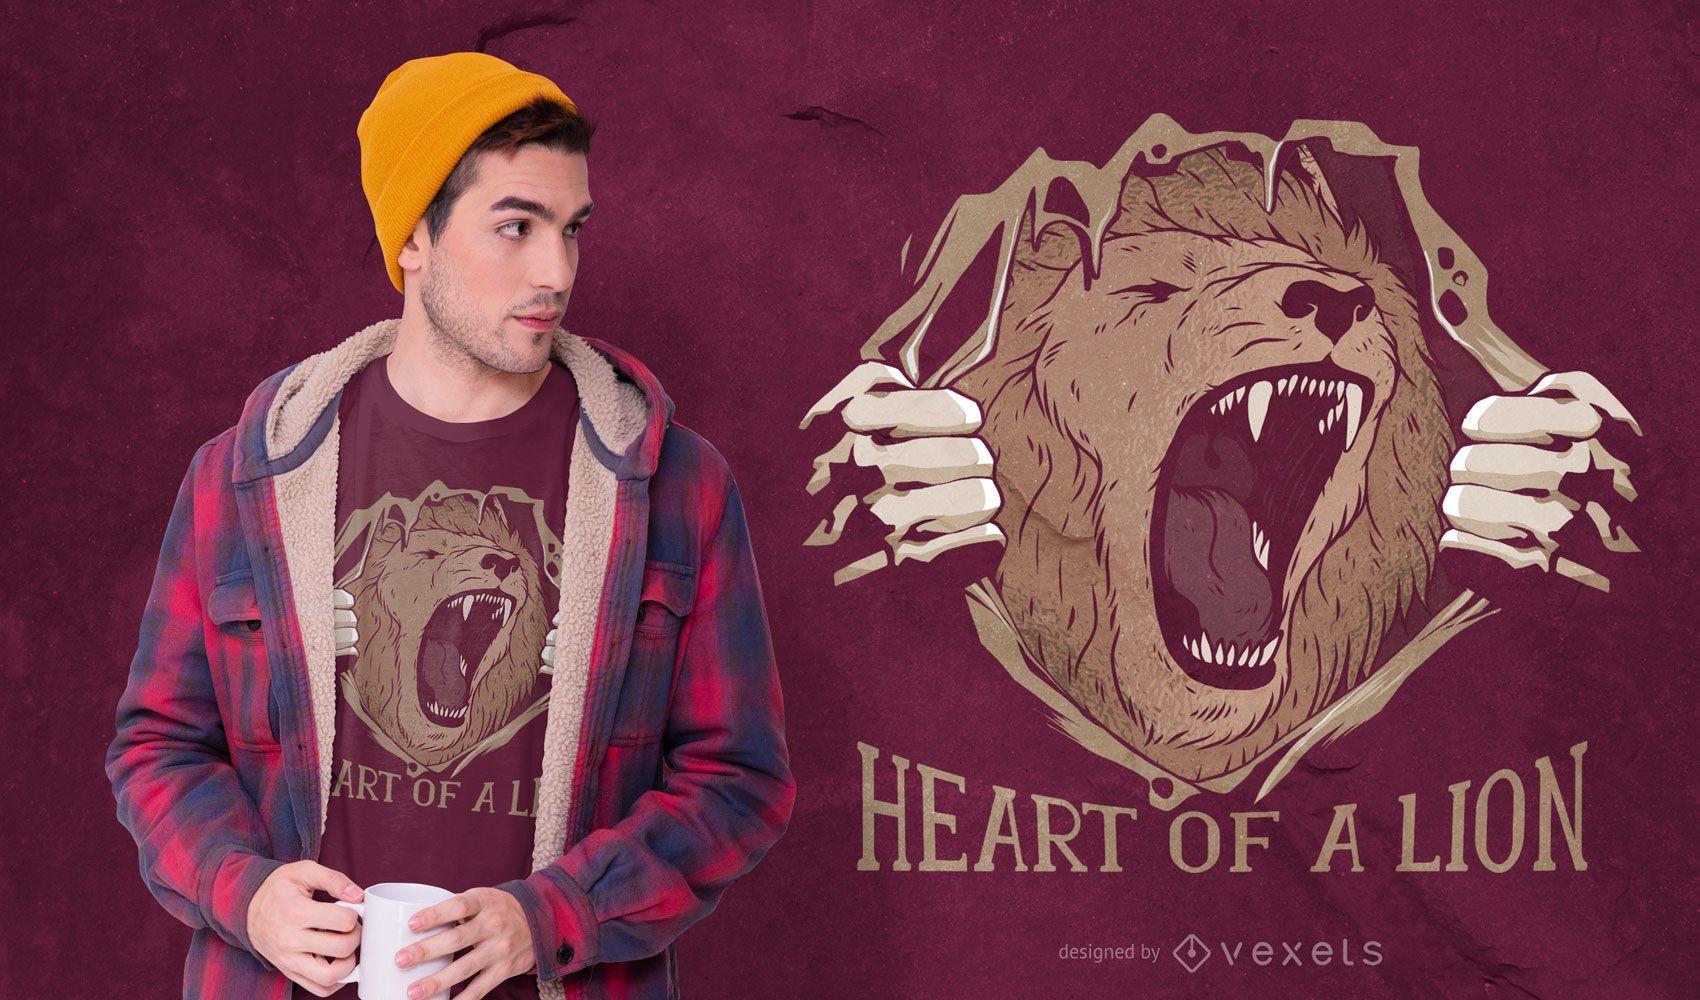 Heart of a Lion T-shirt Design